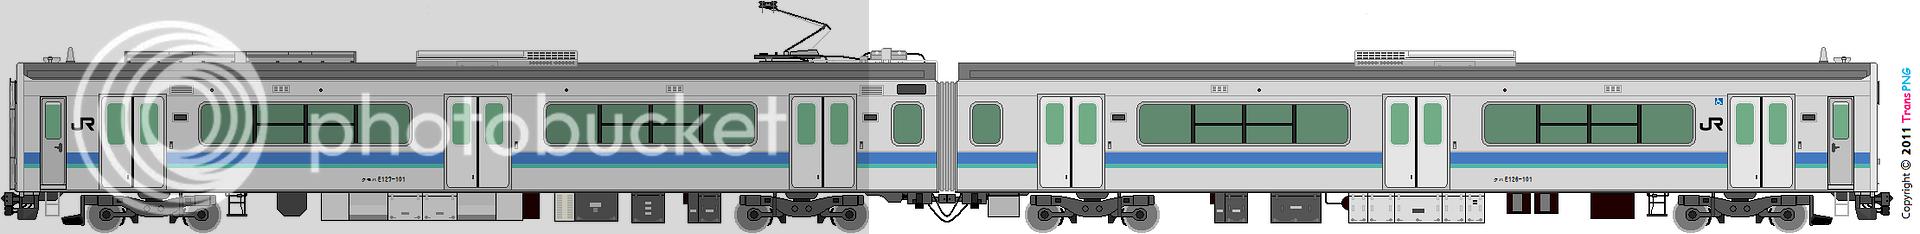 鐵路列車 2270